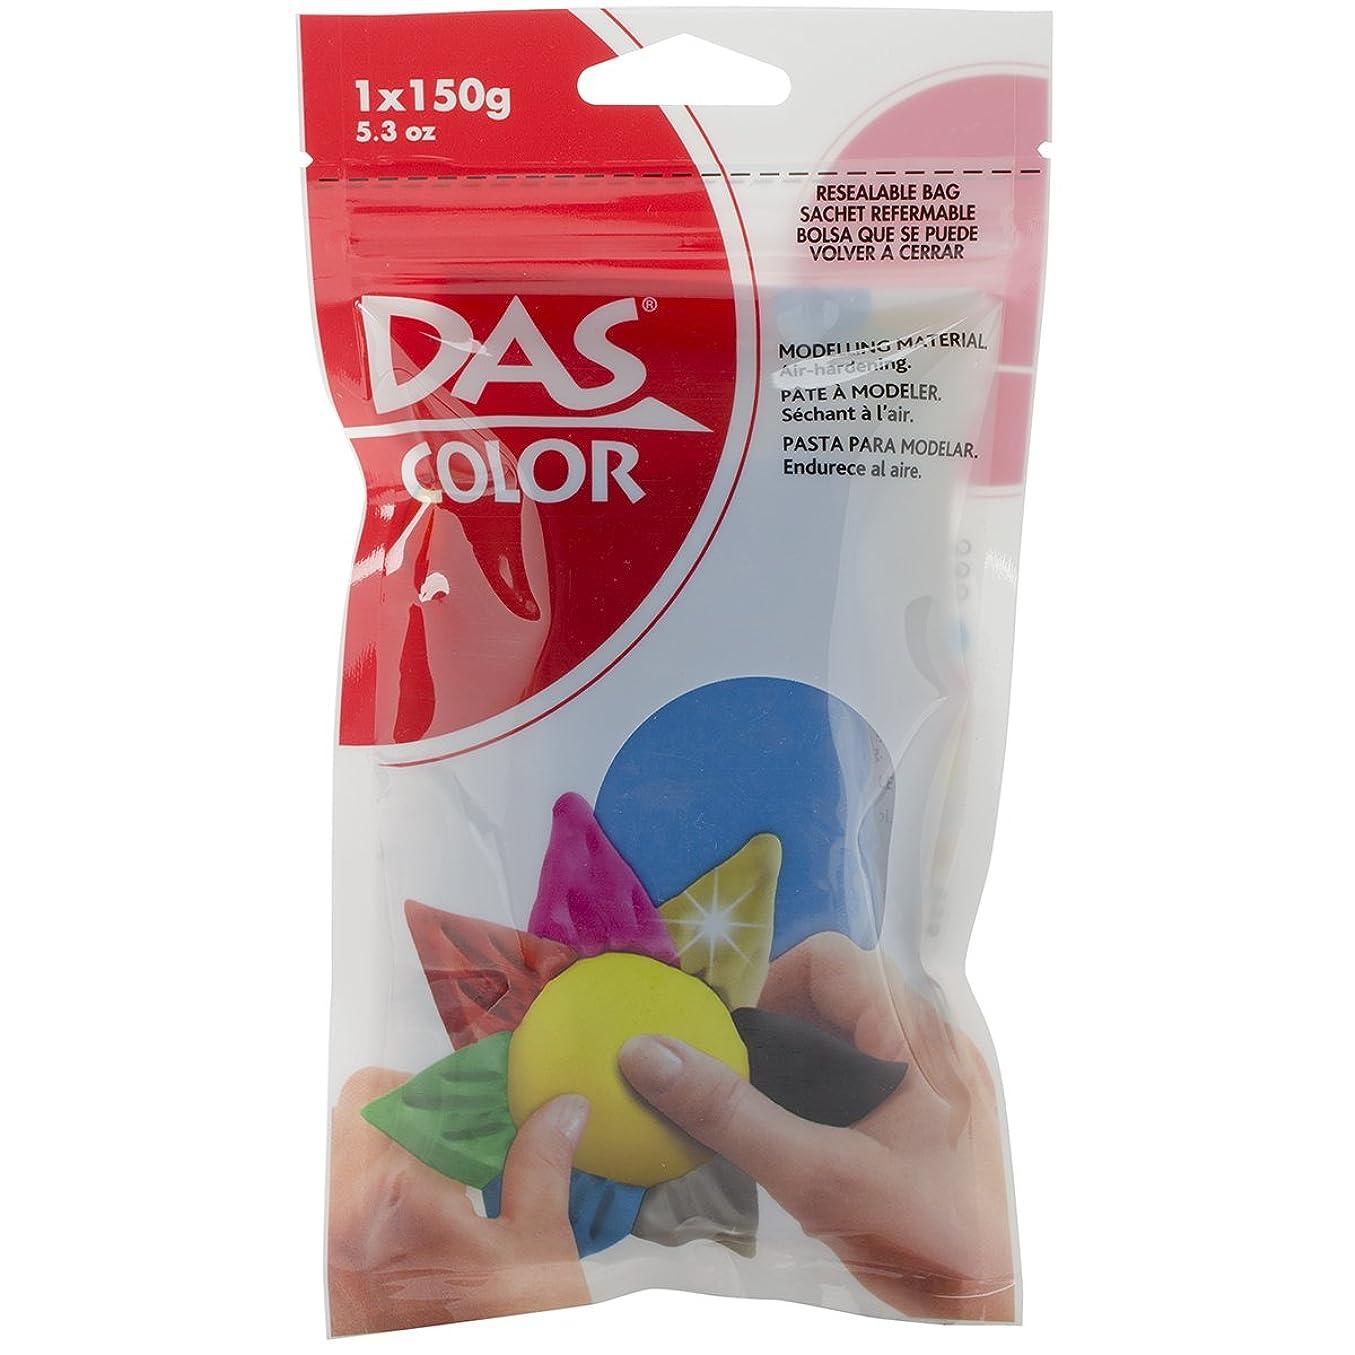 アルカイックデザイナー戸口Das 色空気乾燥粘土 5.3 オンス ターコイズ